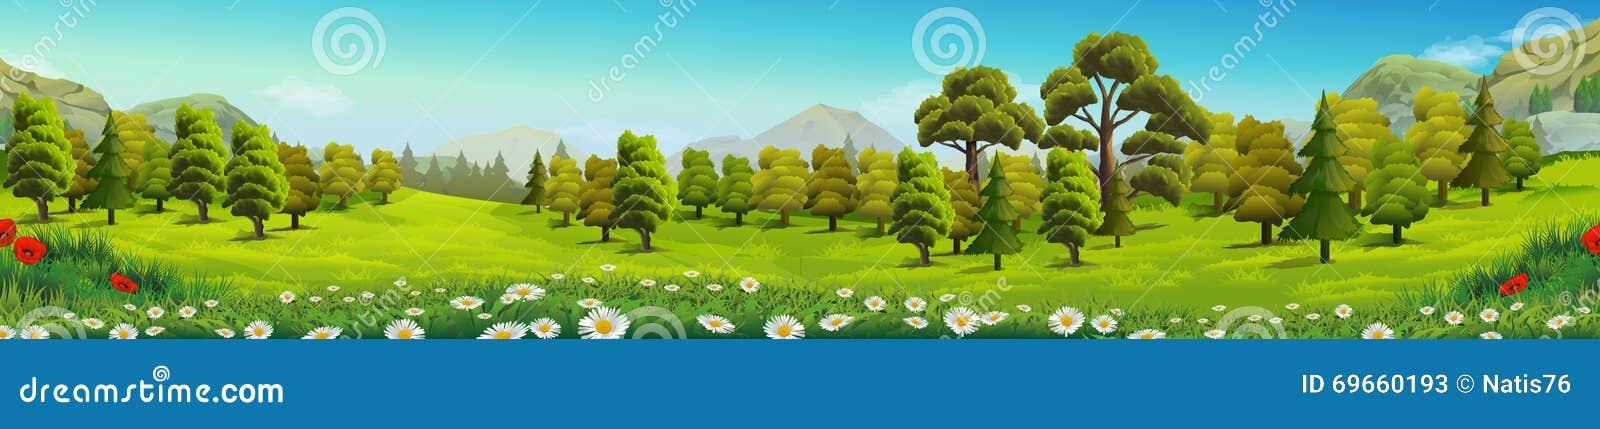 Weide en bosaardlandschap